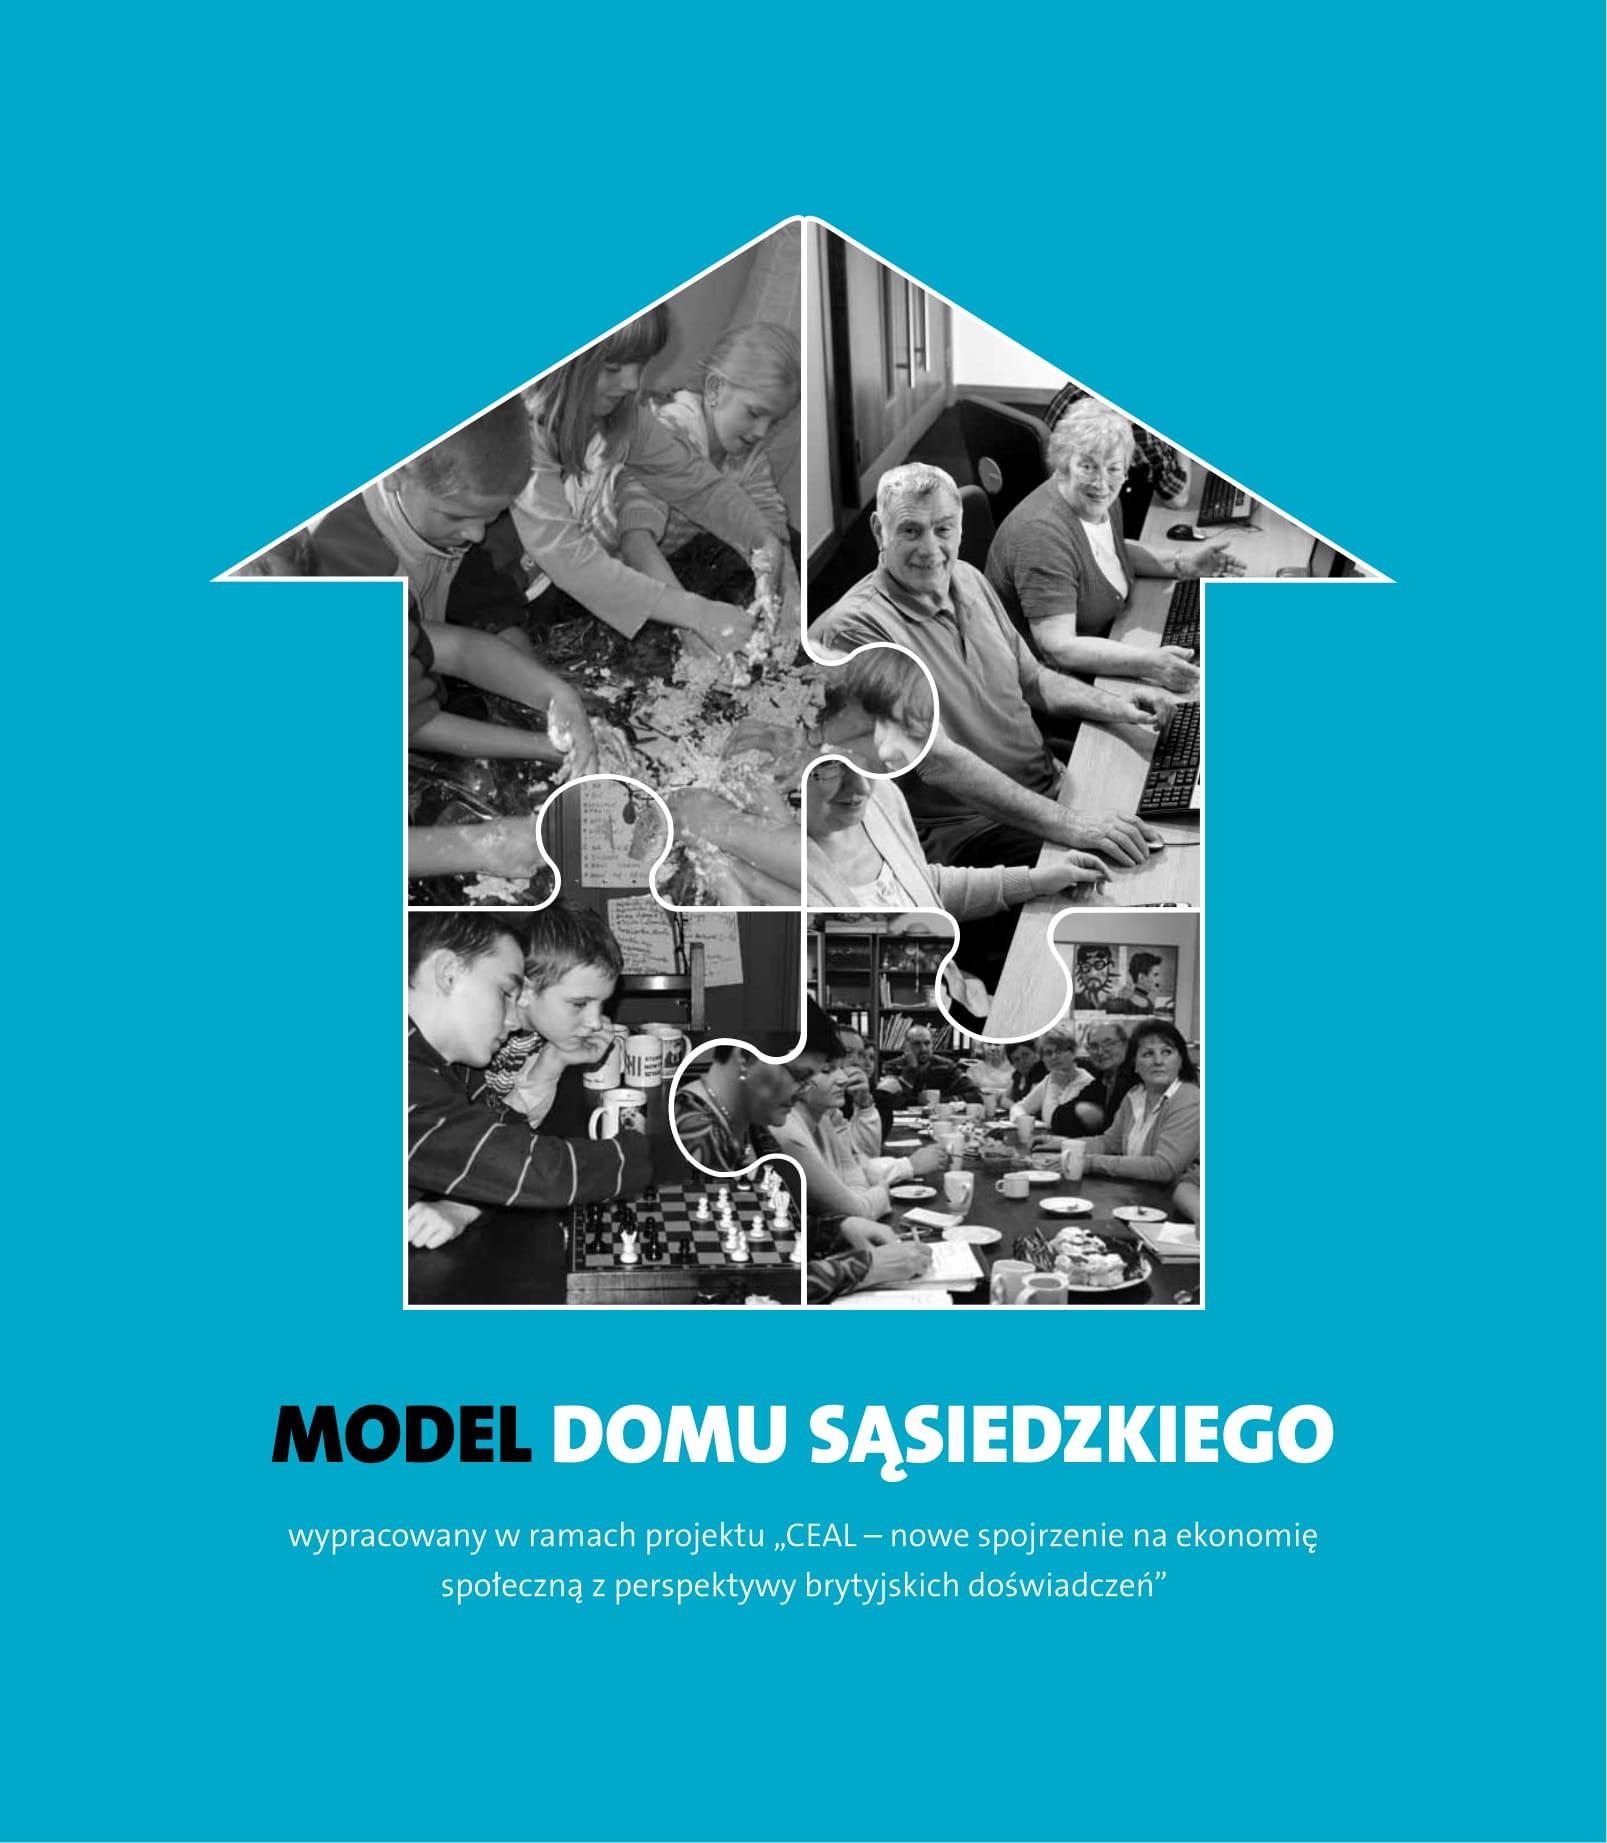 Model Domu Sąsiedzkiego